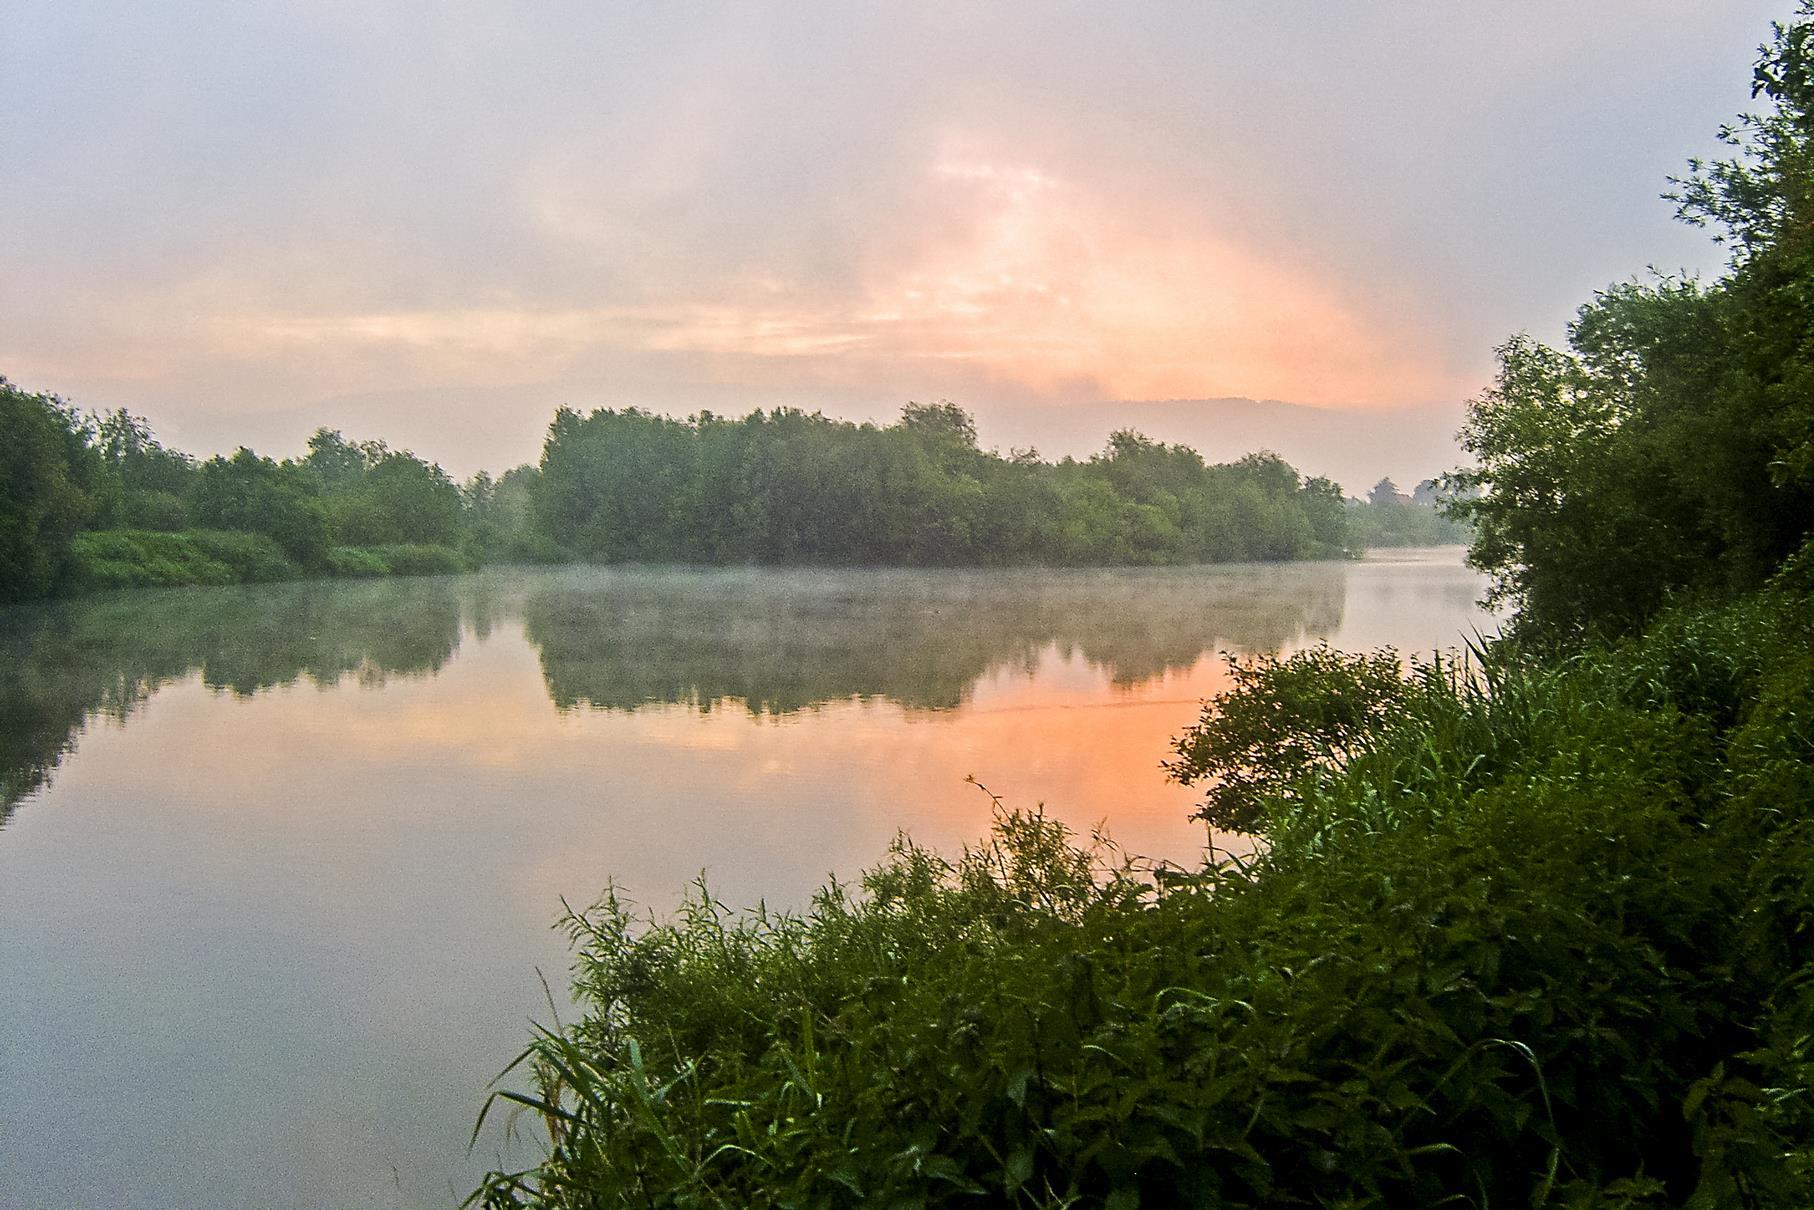 Sonnenaufgang an der Einfahrt von der Weser zur Auenlandschaft.